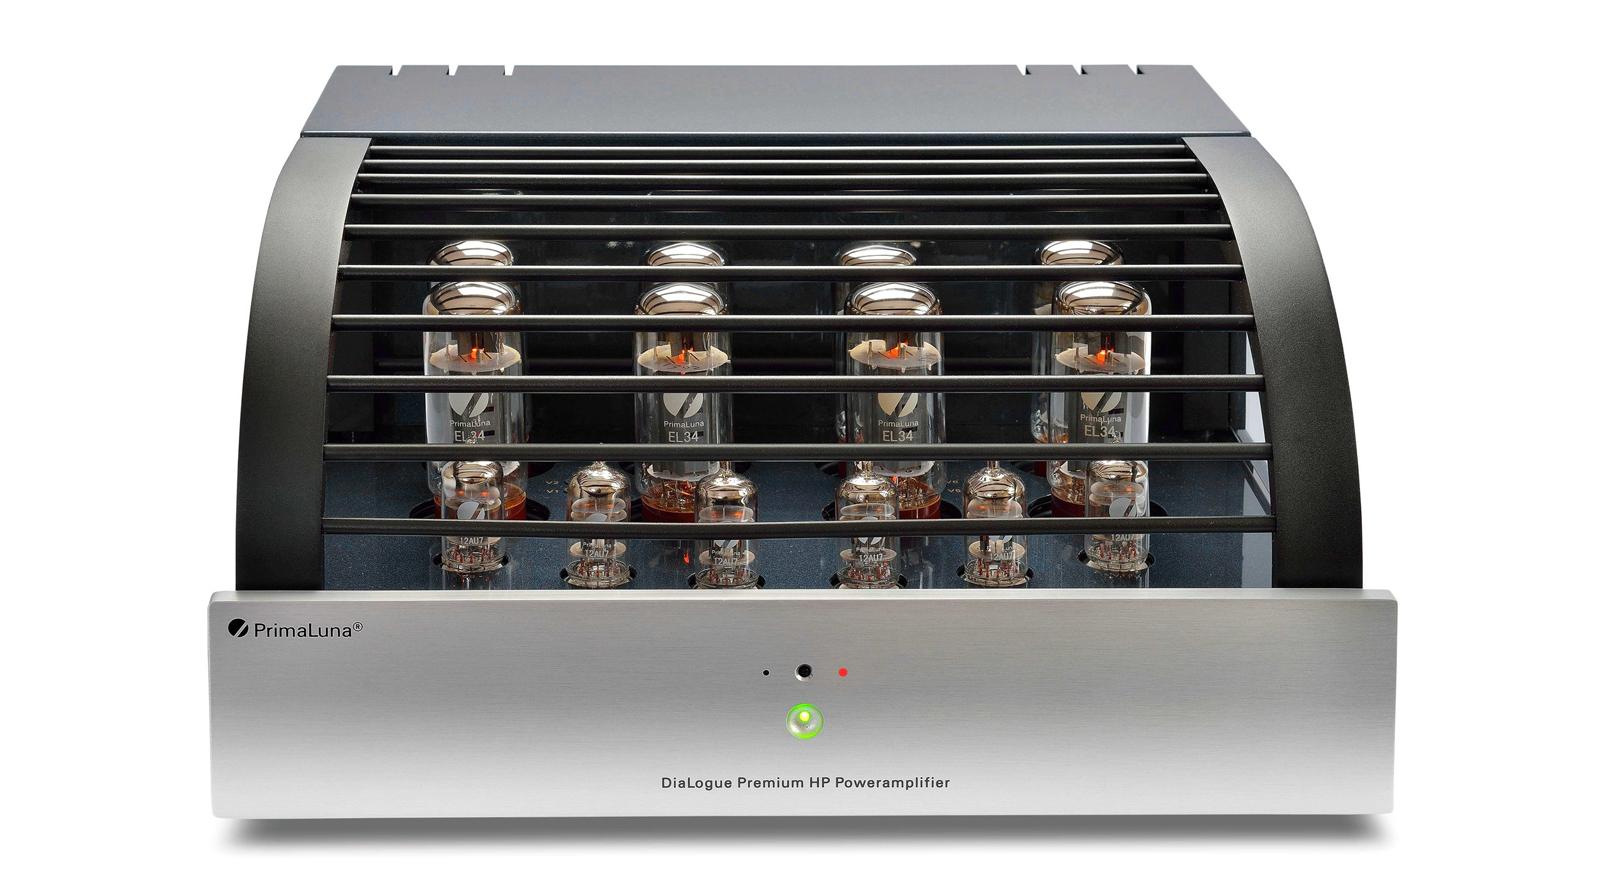 primaluna hp power amplifier.jpg